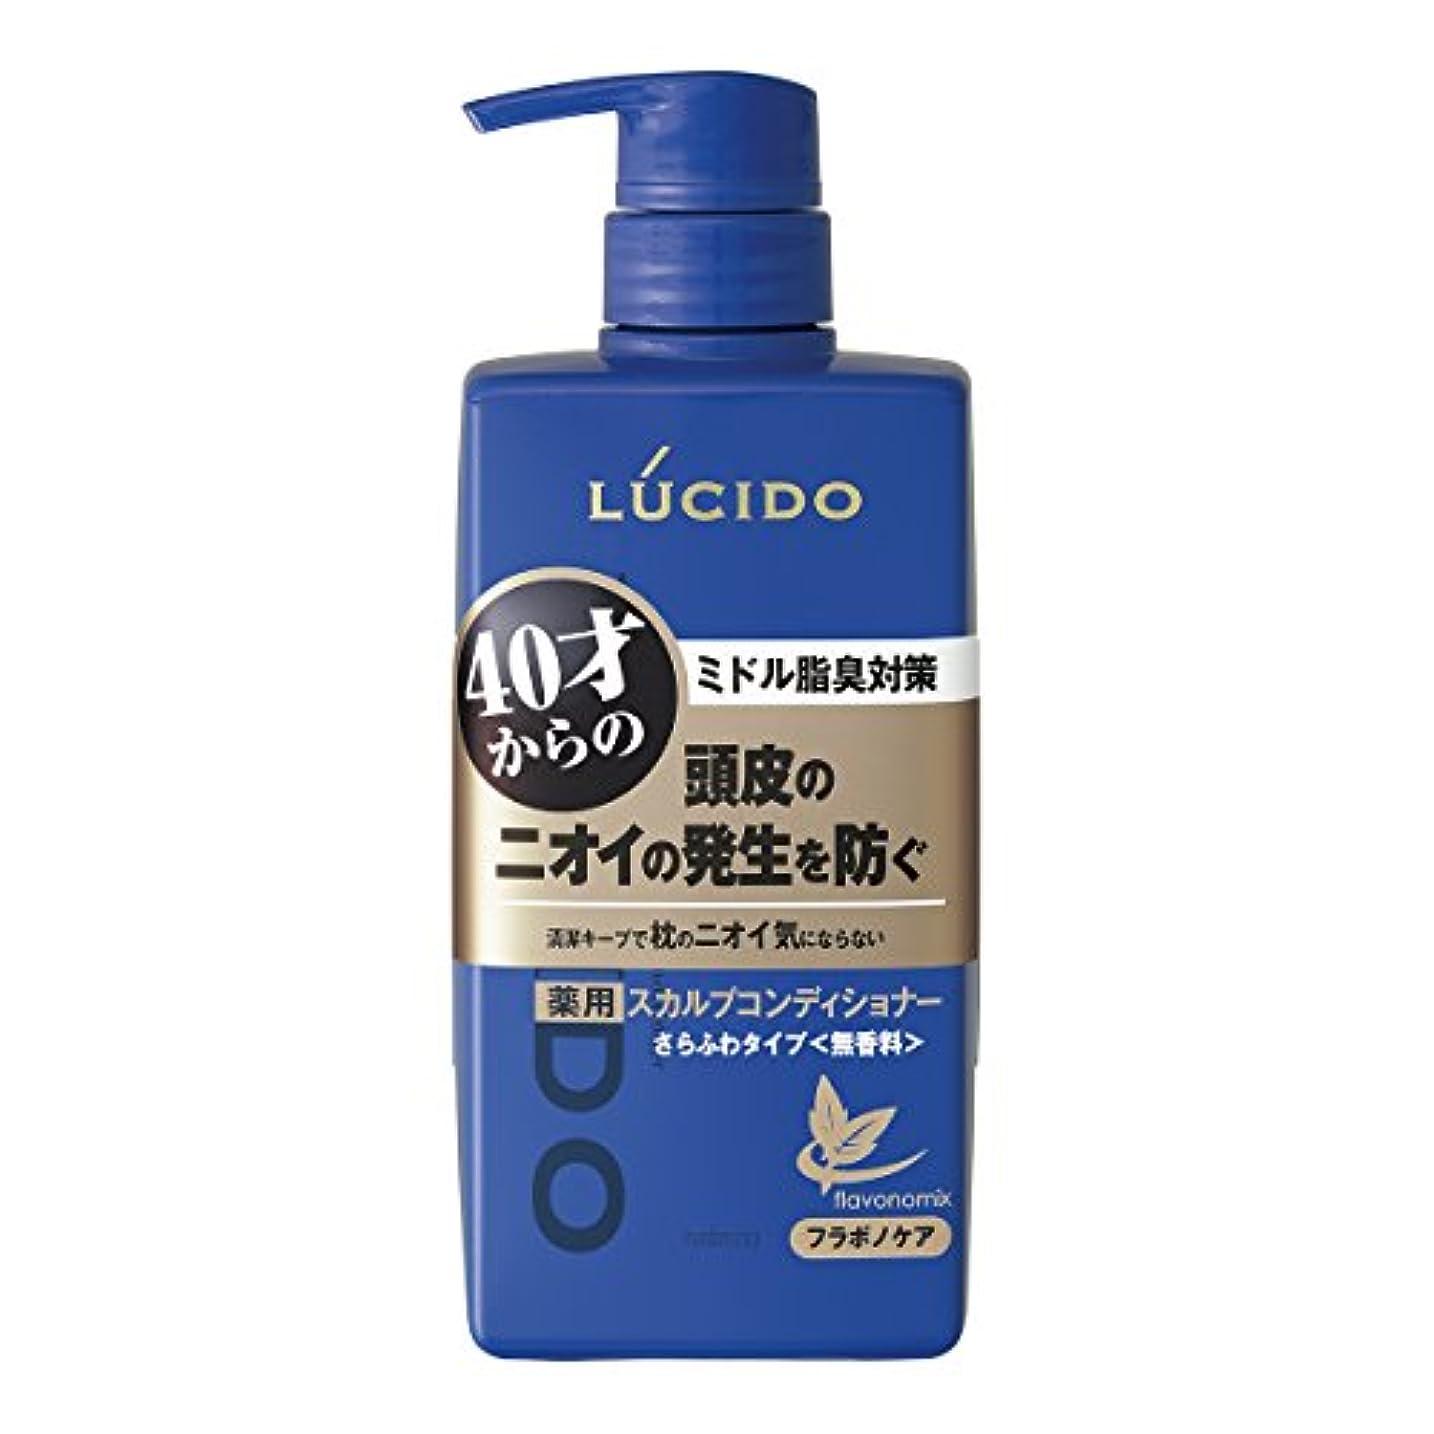 信者サイト治世ルシード 薬用ヘア&スカルプコンディショナー 450g(医薬部外品)